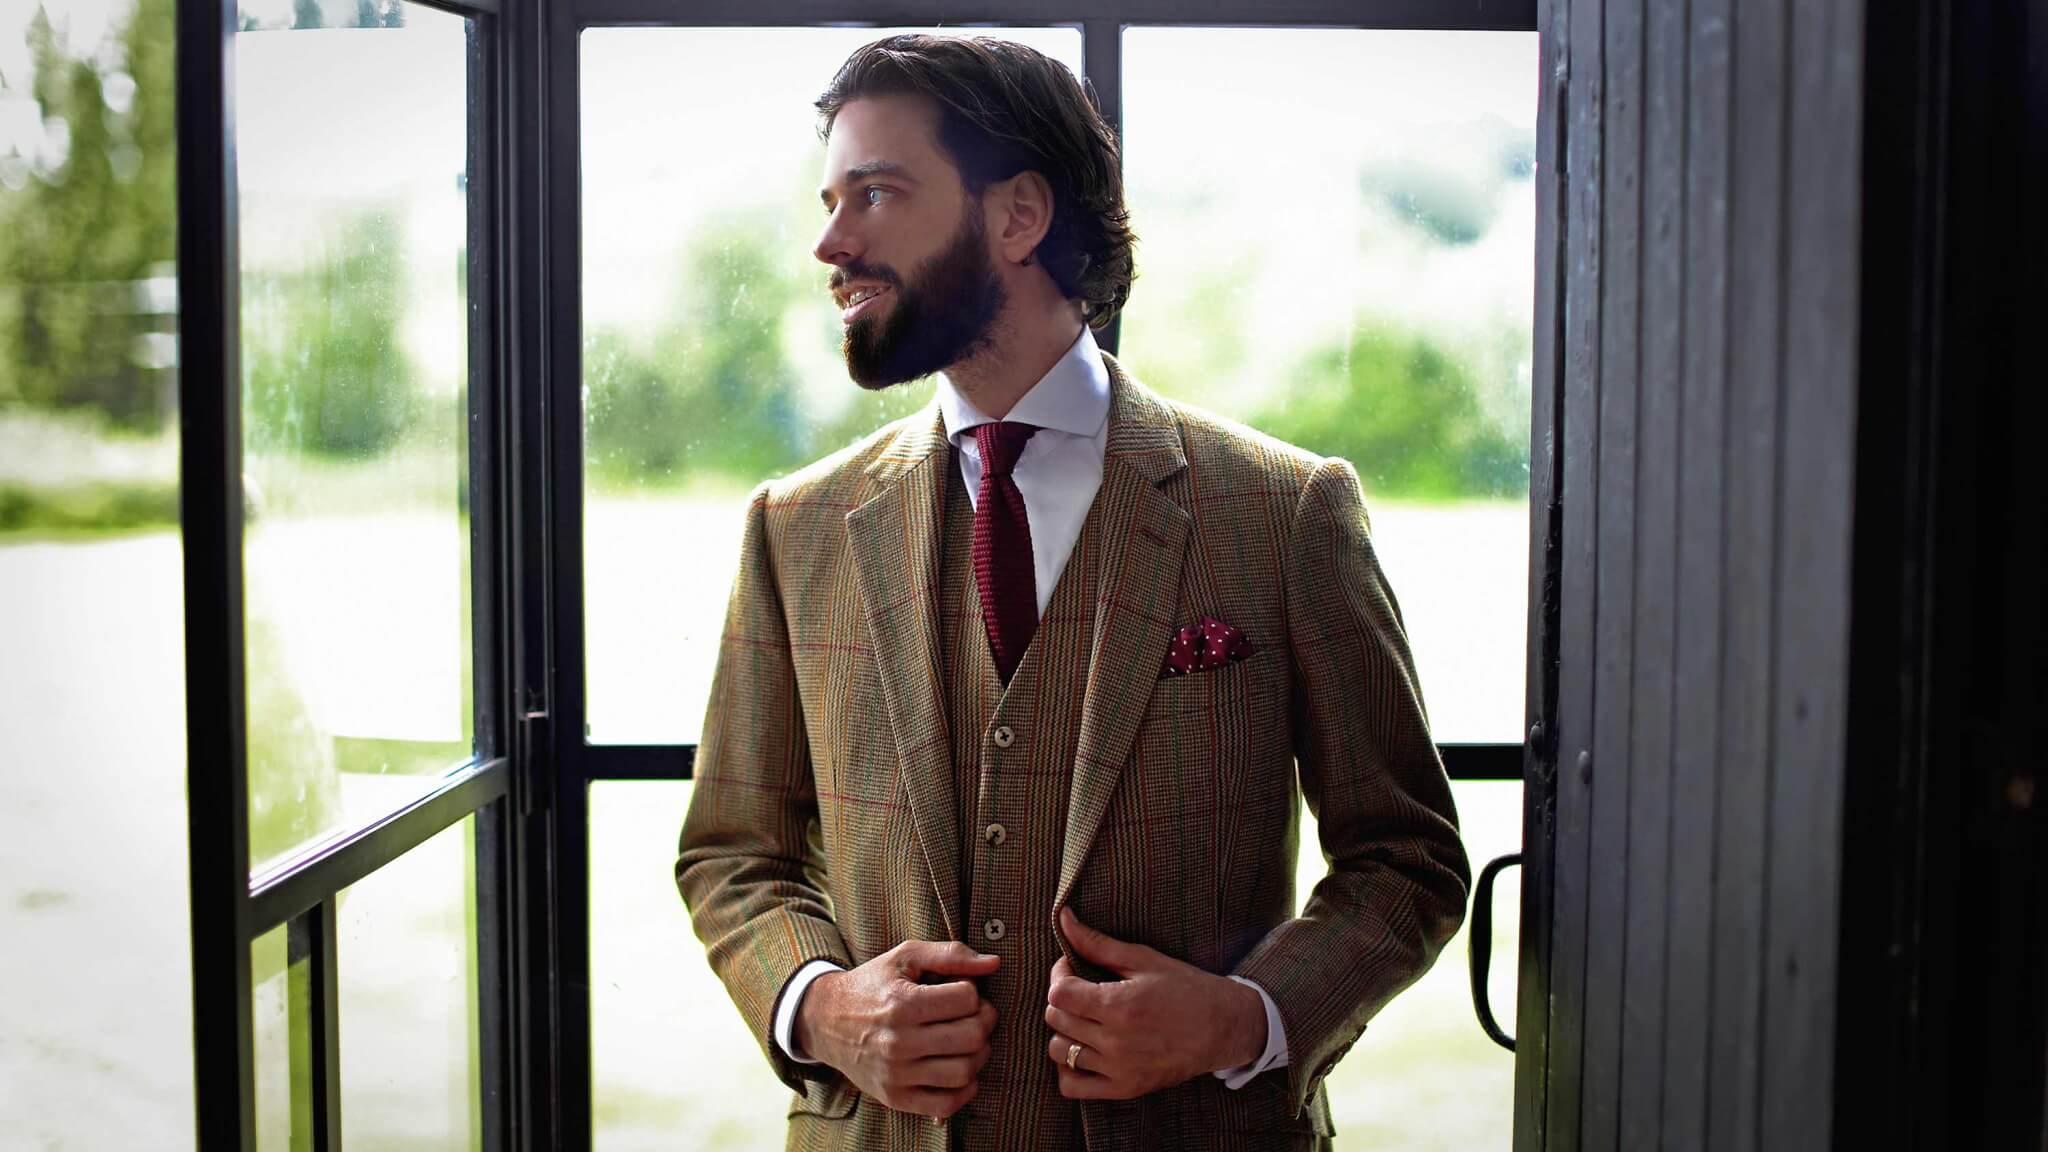 Пожалуй, единственный случай, когда твидовый костюм может выступать в роли деловой одежды - если торжественное или бизнес-мероприятие проходит на природе